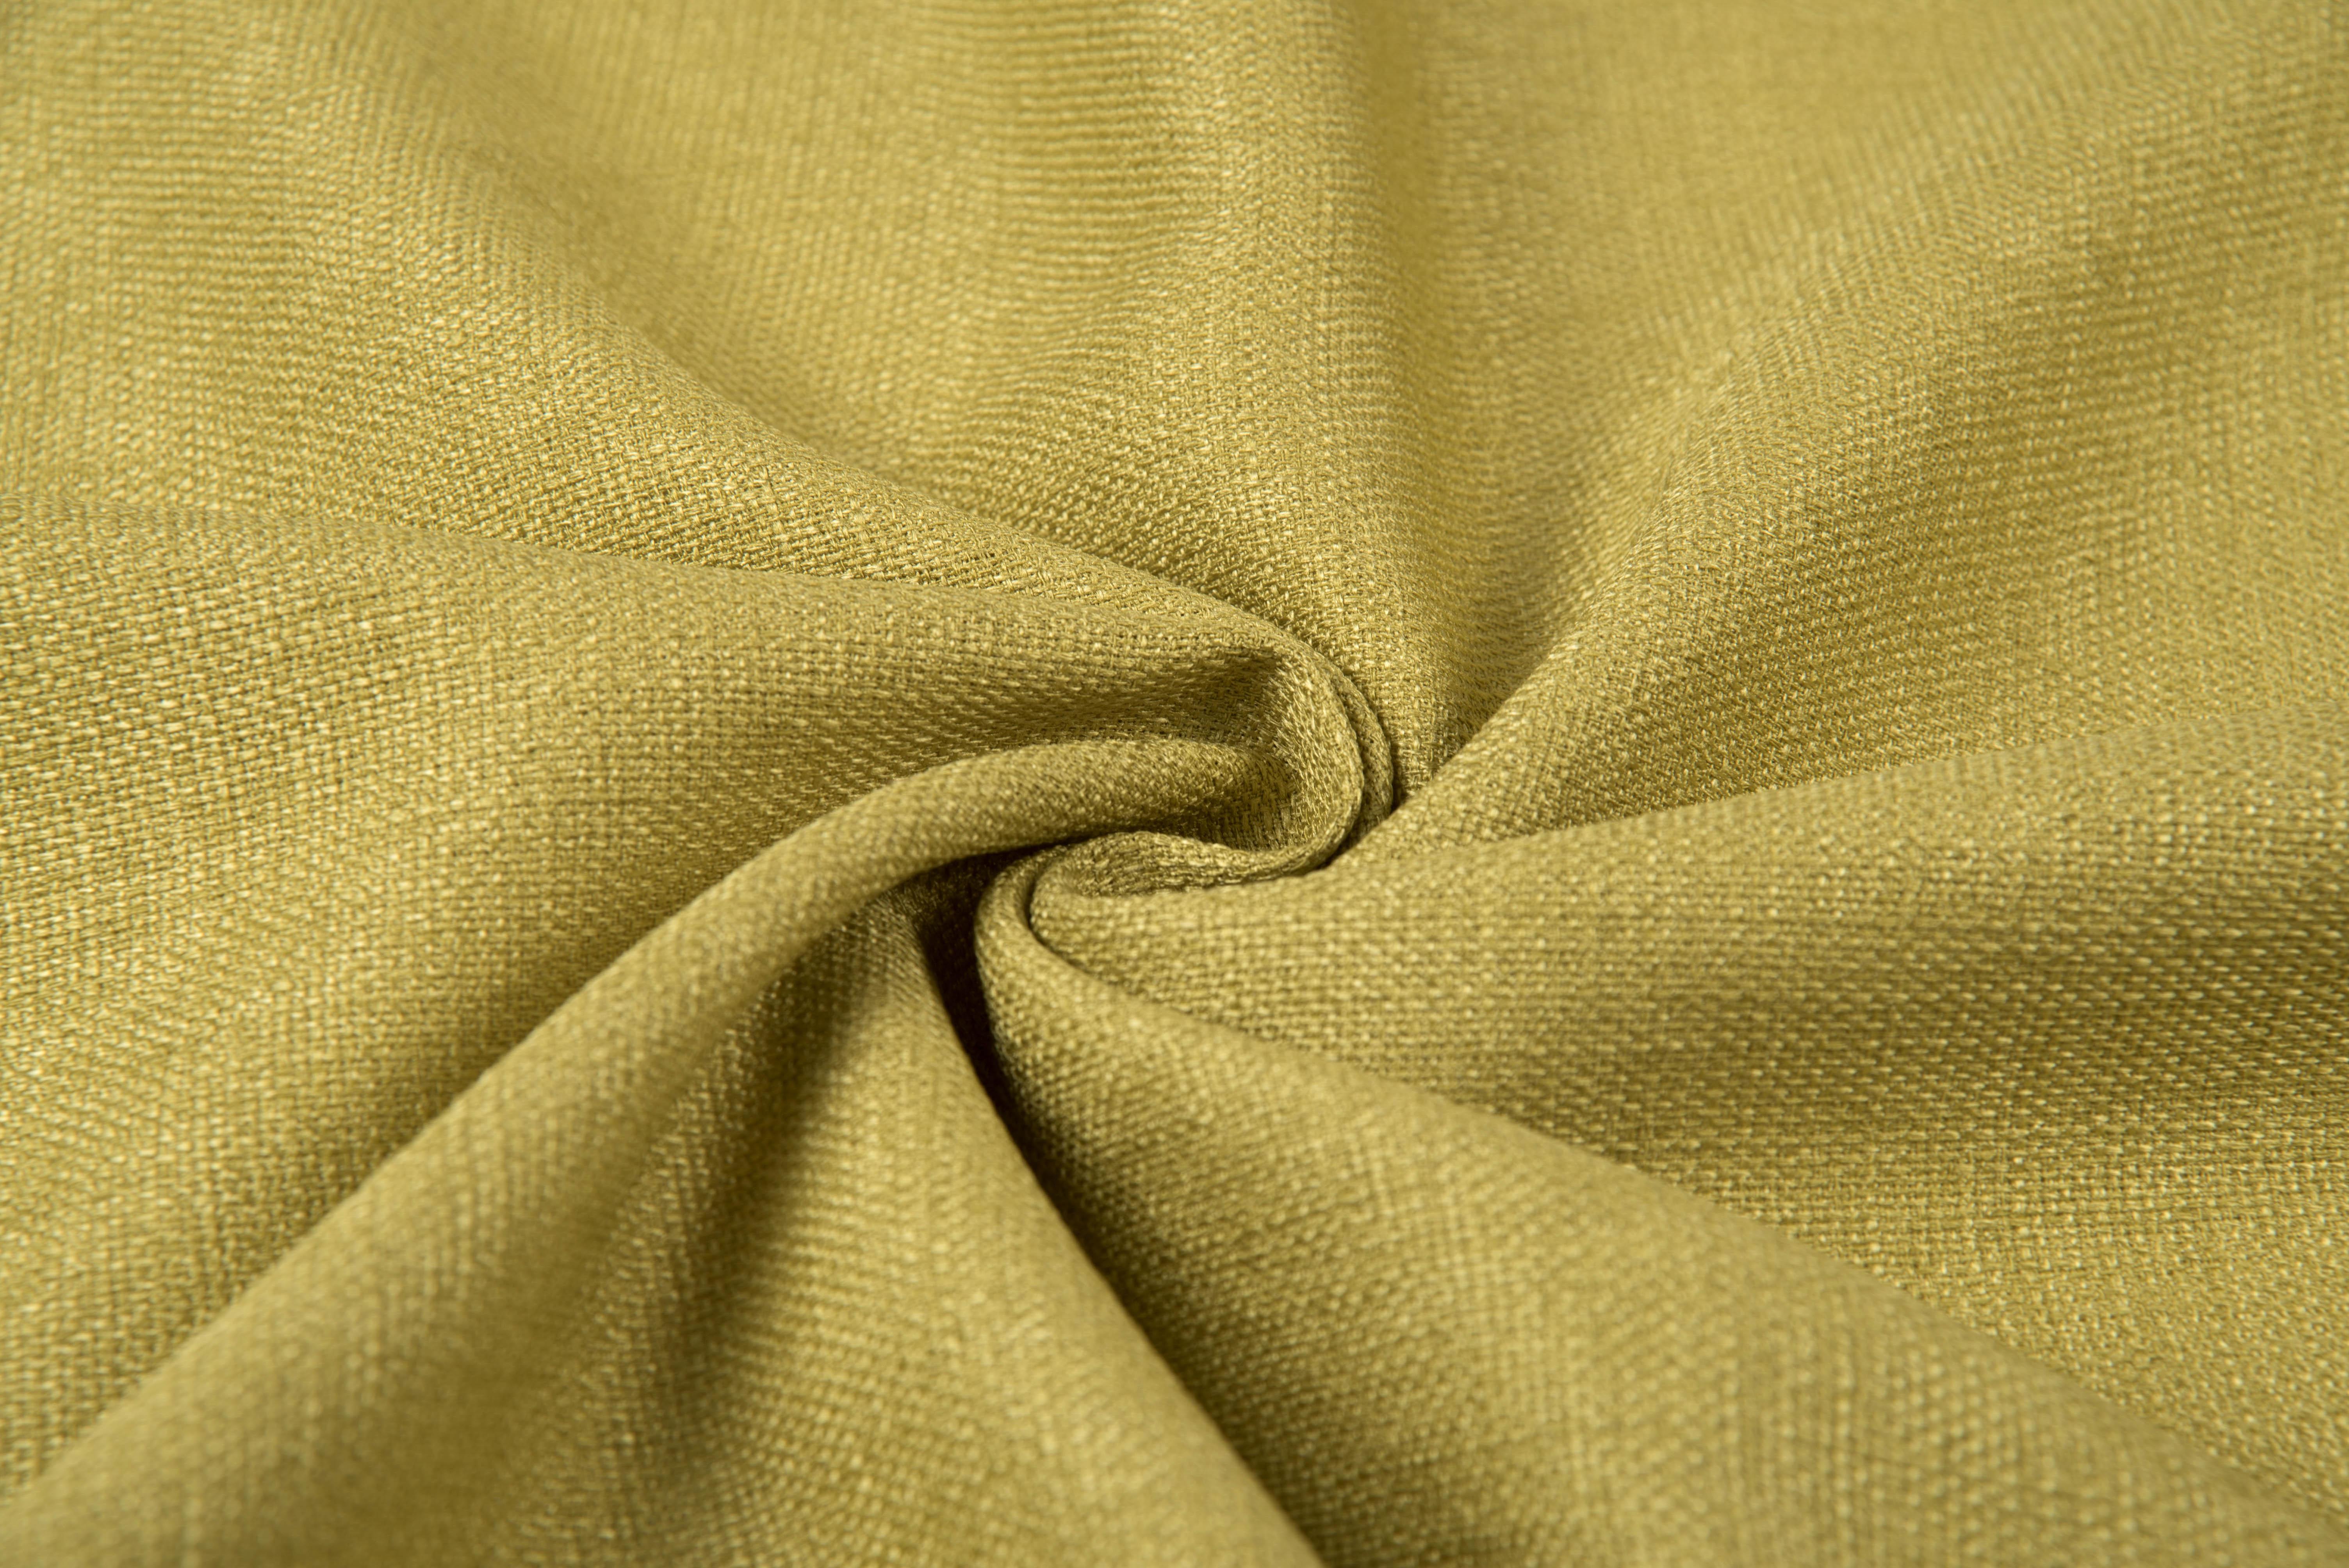 {} TexRepublic Материал Портьерная ткань Tough Цвет: Салатовый texrepublic материал портьерная ткань tough цвет зеленый